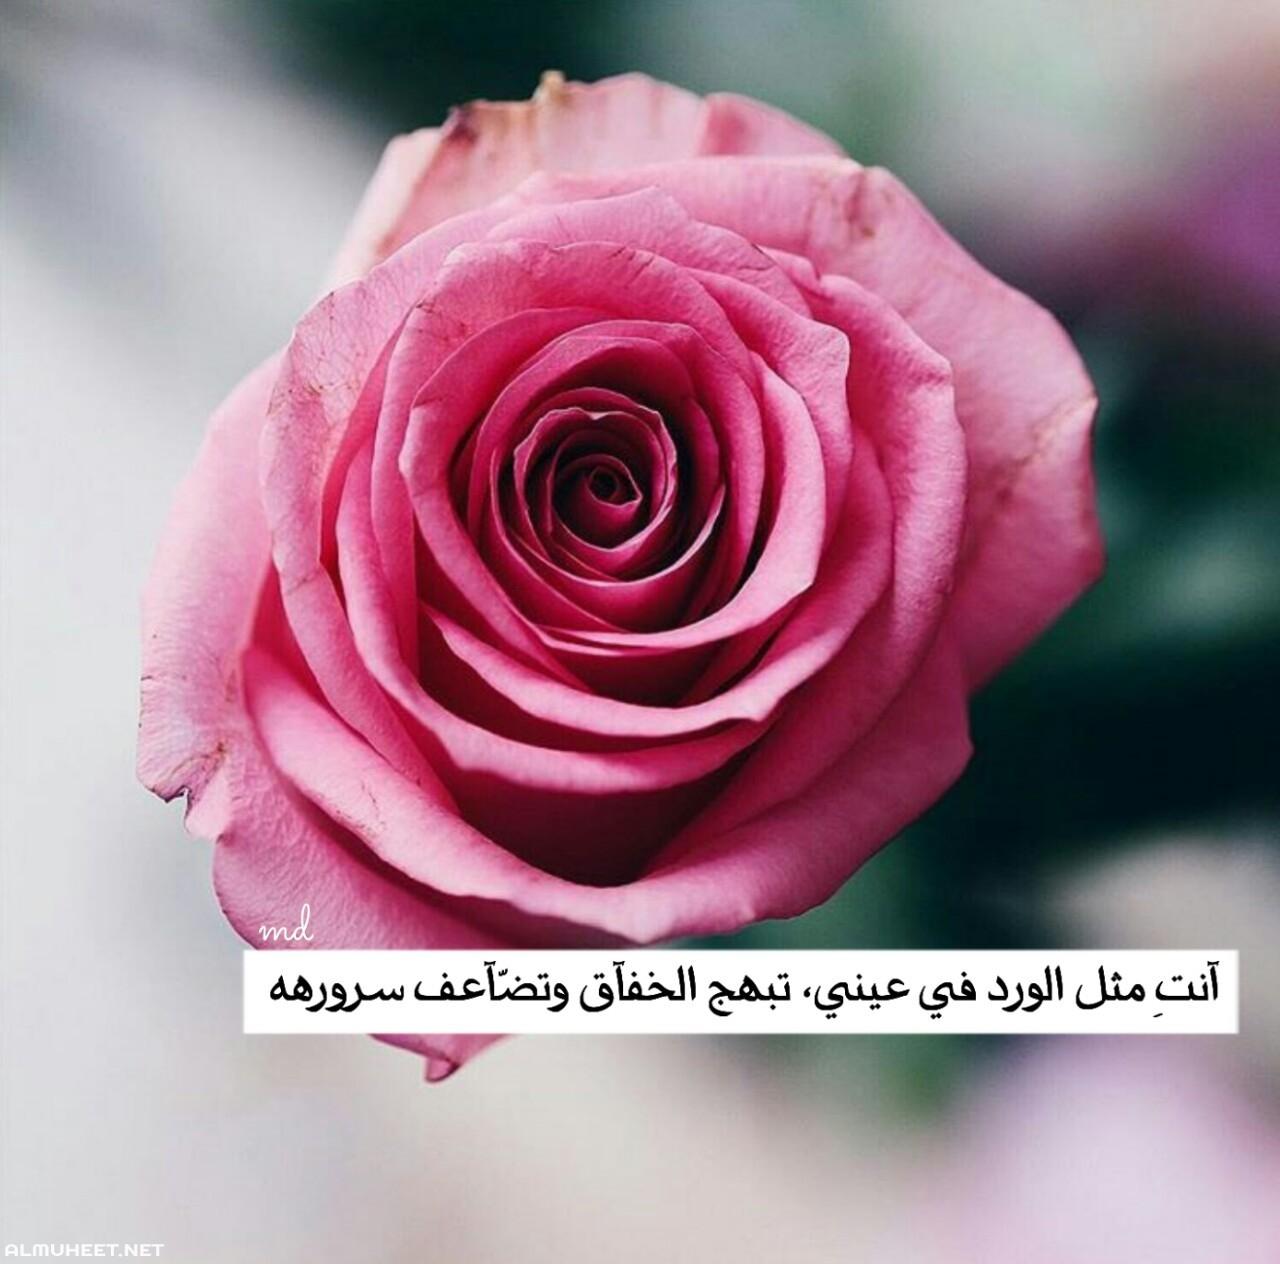 صورة ارسلتها لحبيبي واتعلق بيا, شعر عن الورد